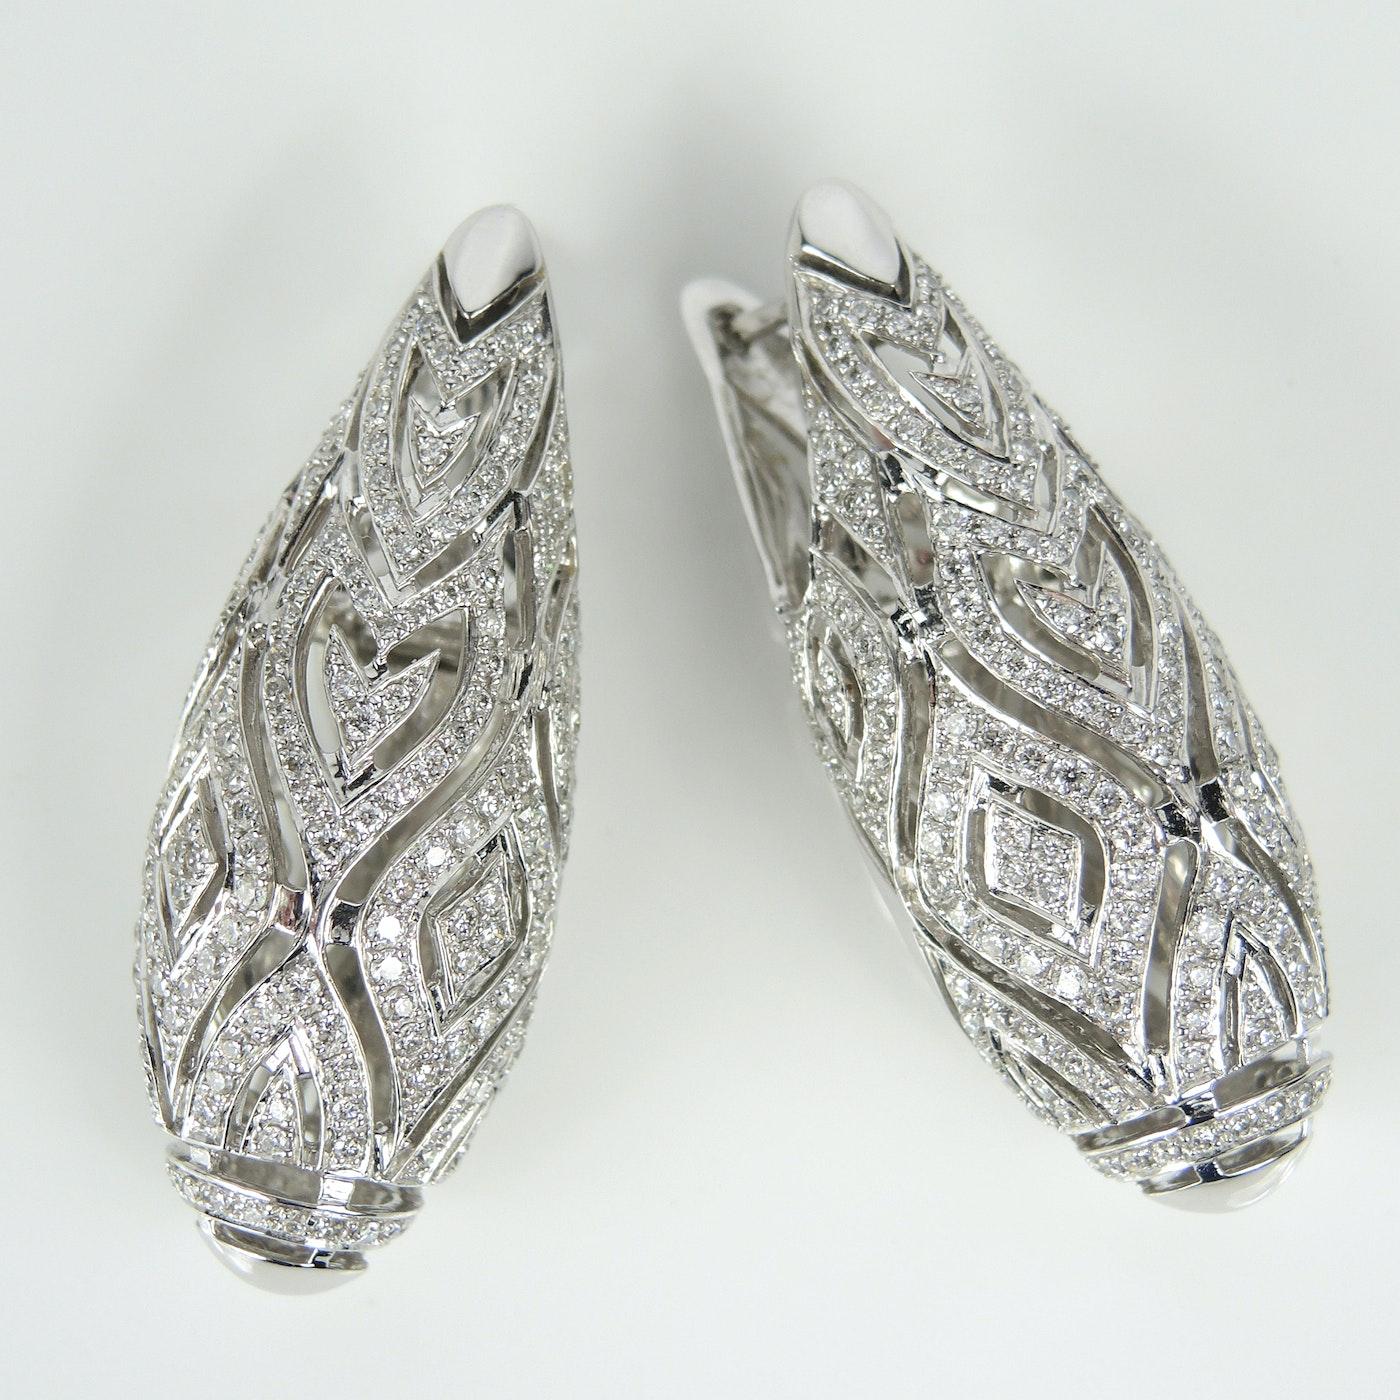 14K White Gold Diamond Encrusted Earrings | EBTH